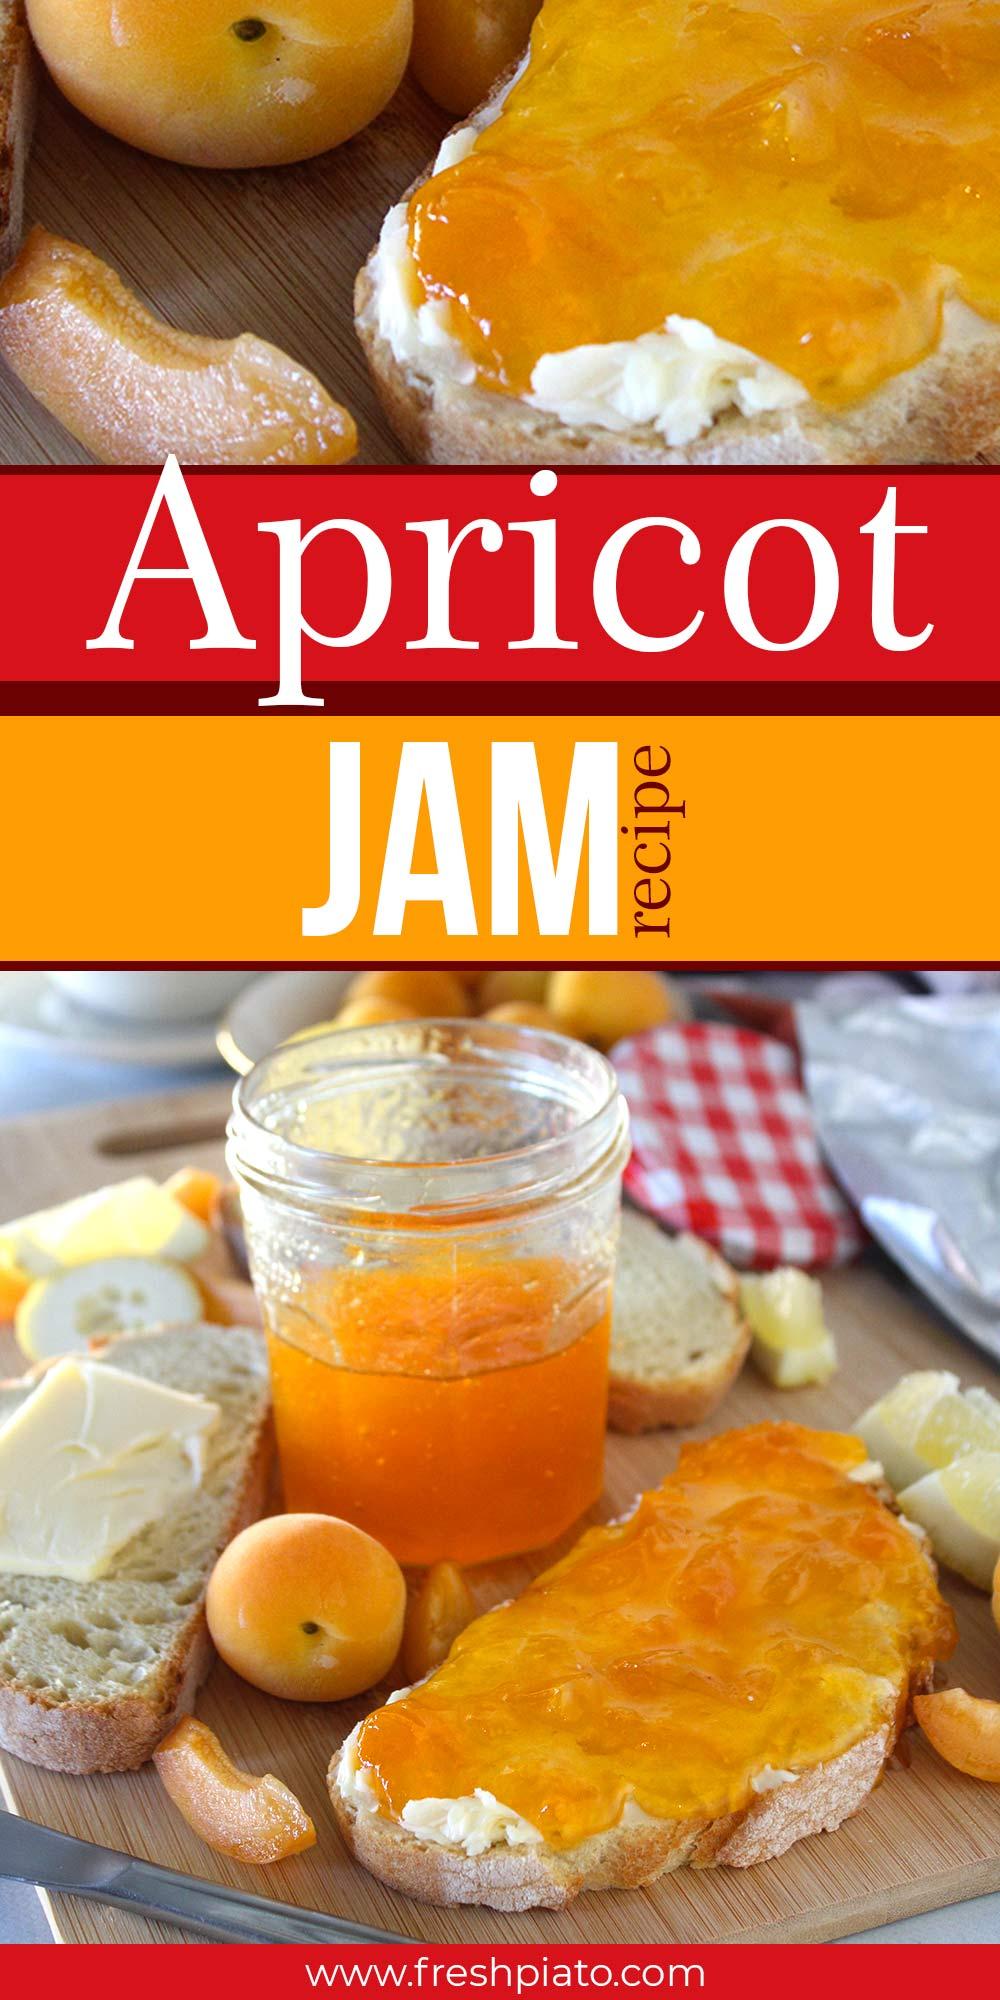 Apricot jam pin